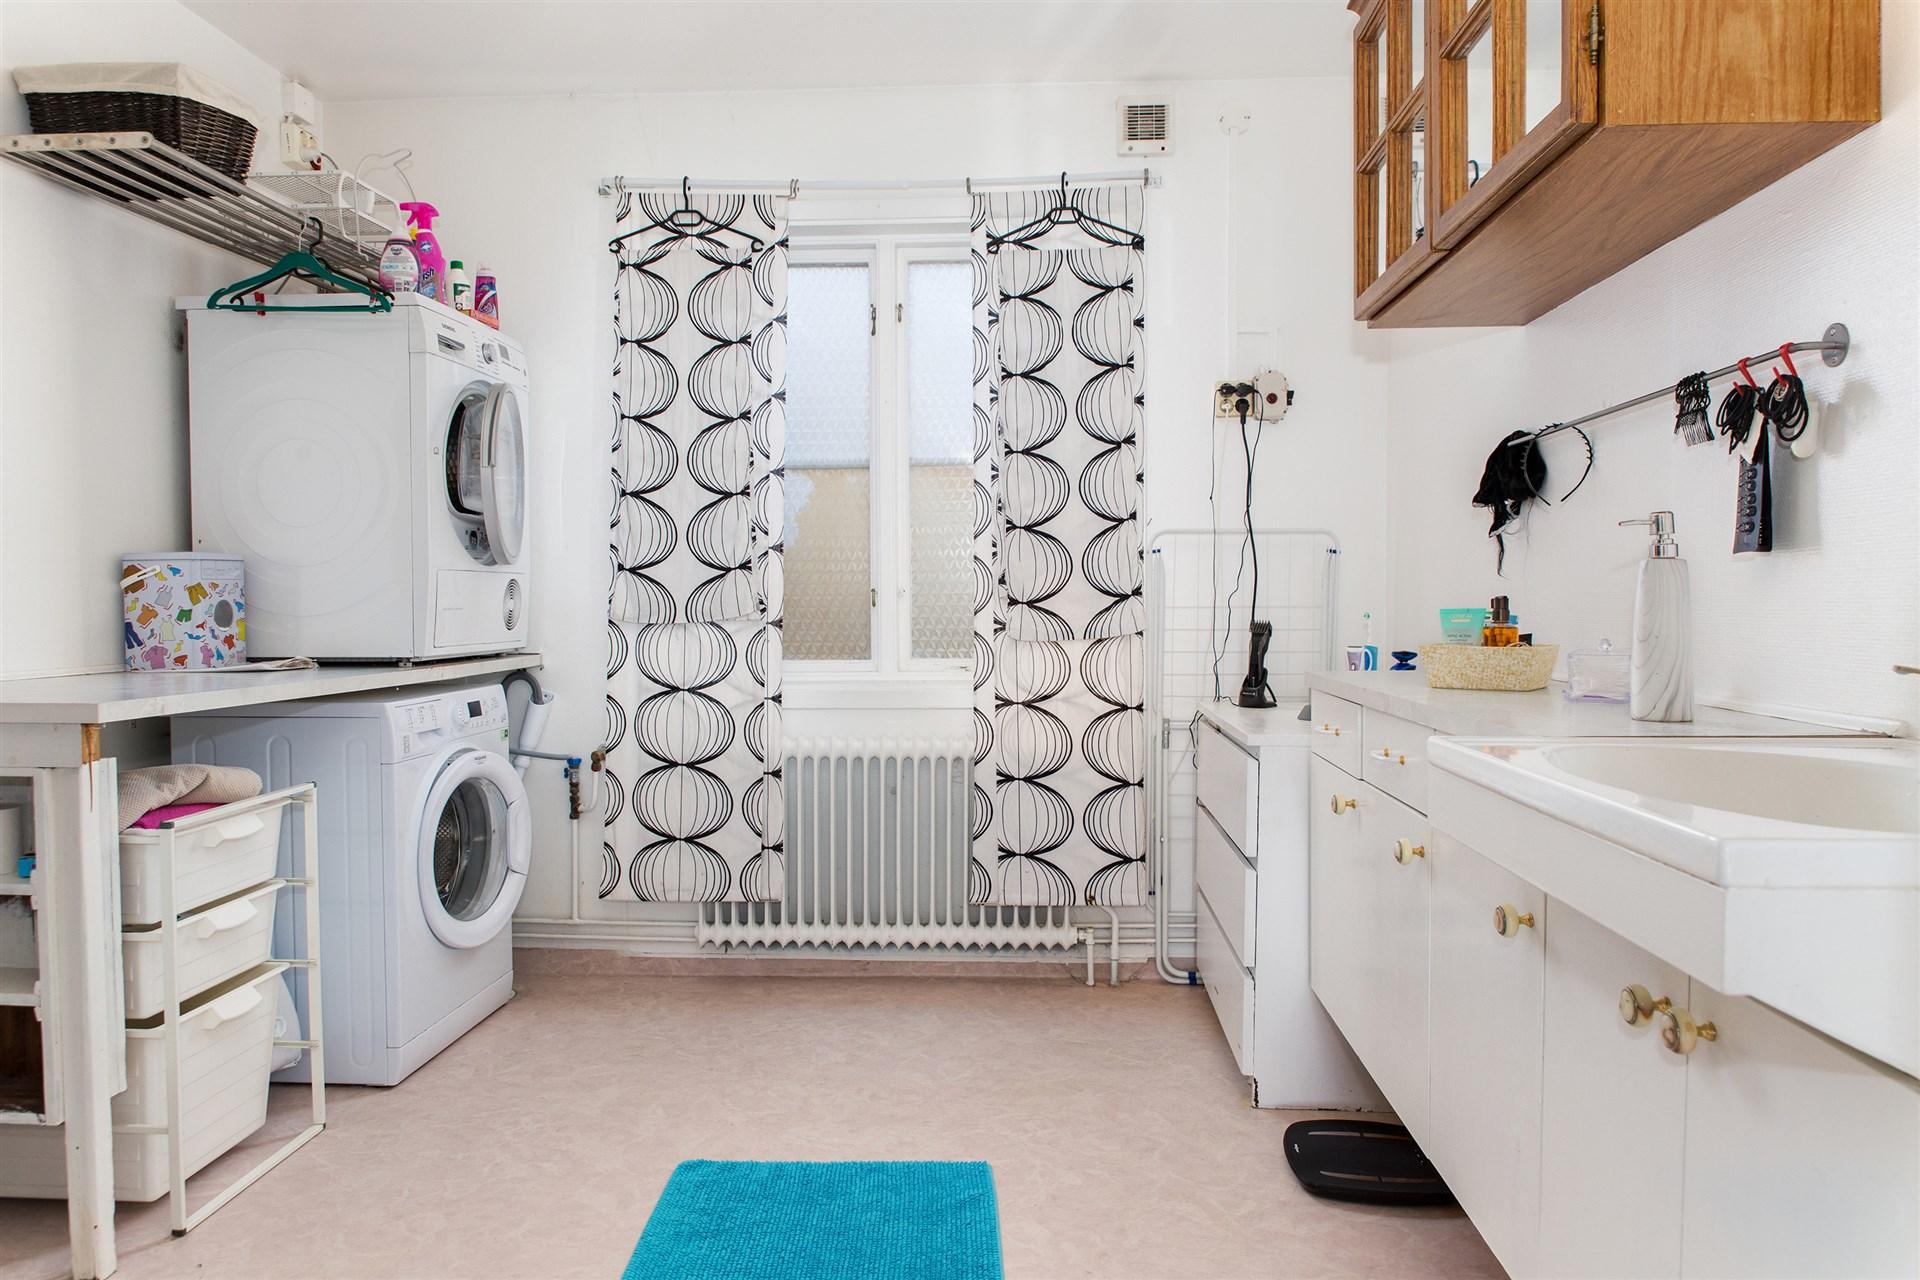 Duschrum (Försäkringsbolag är inkopplat angående duschrummet - kontakta mäklaren för mer information).